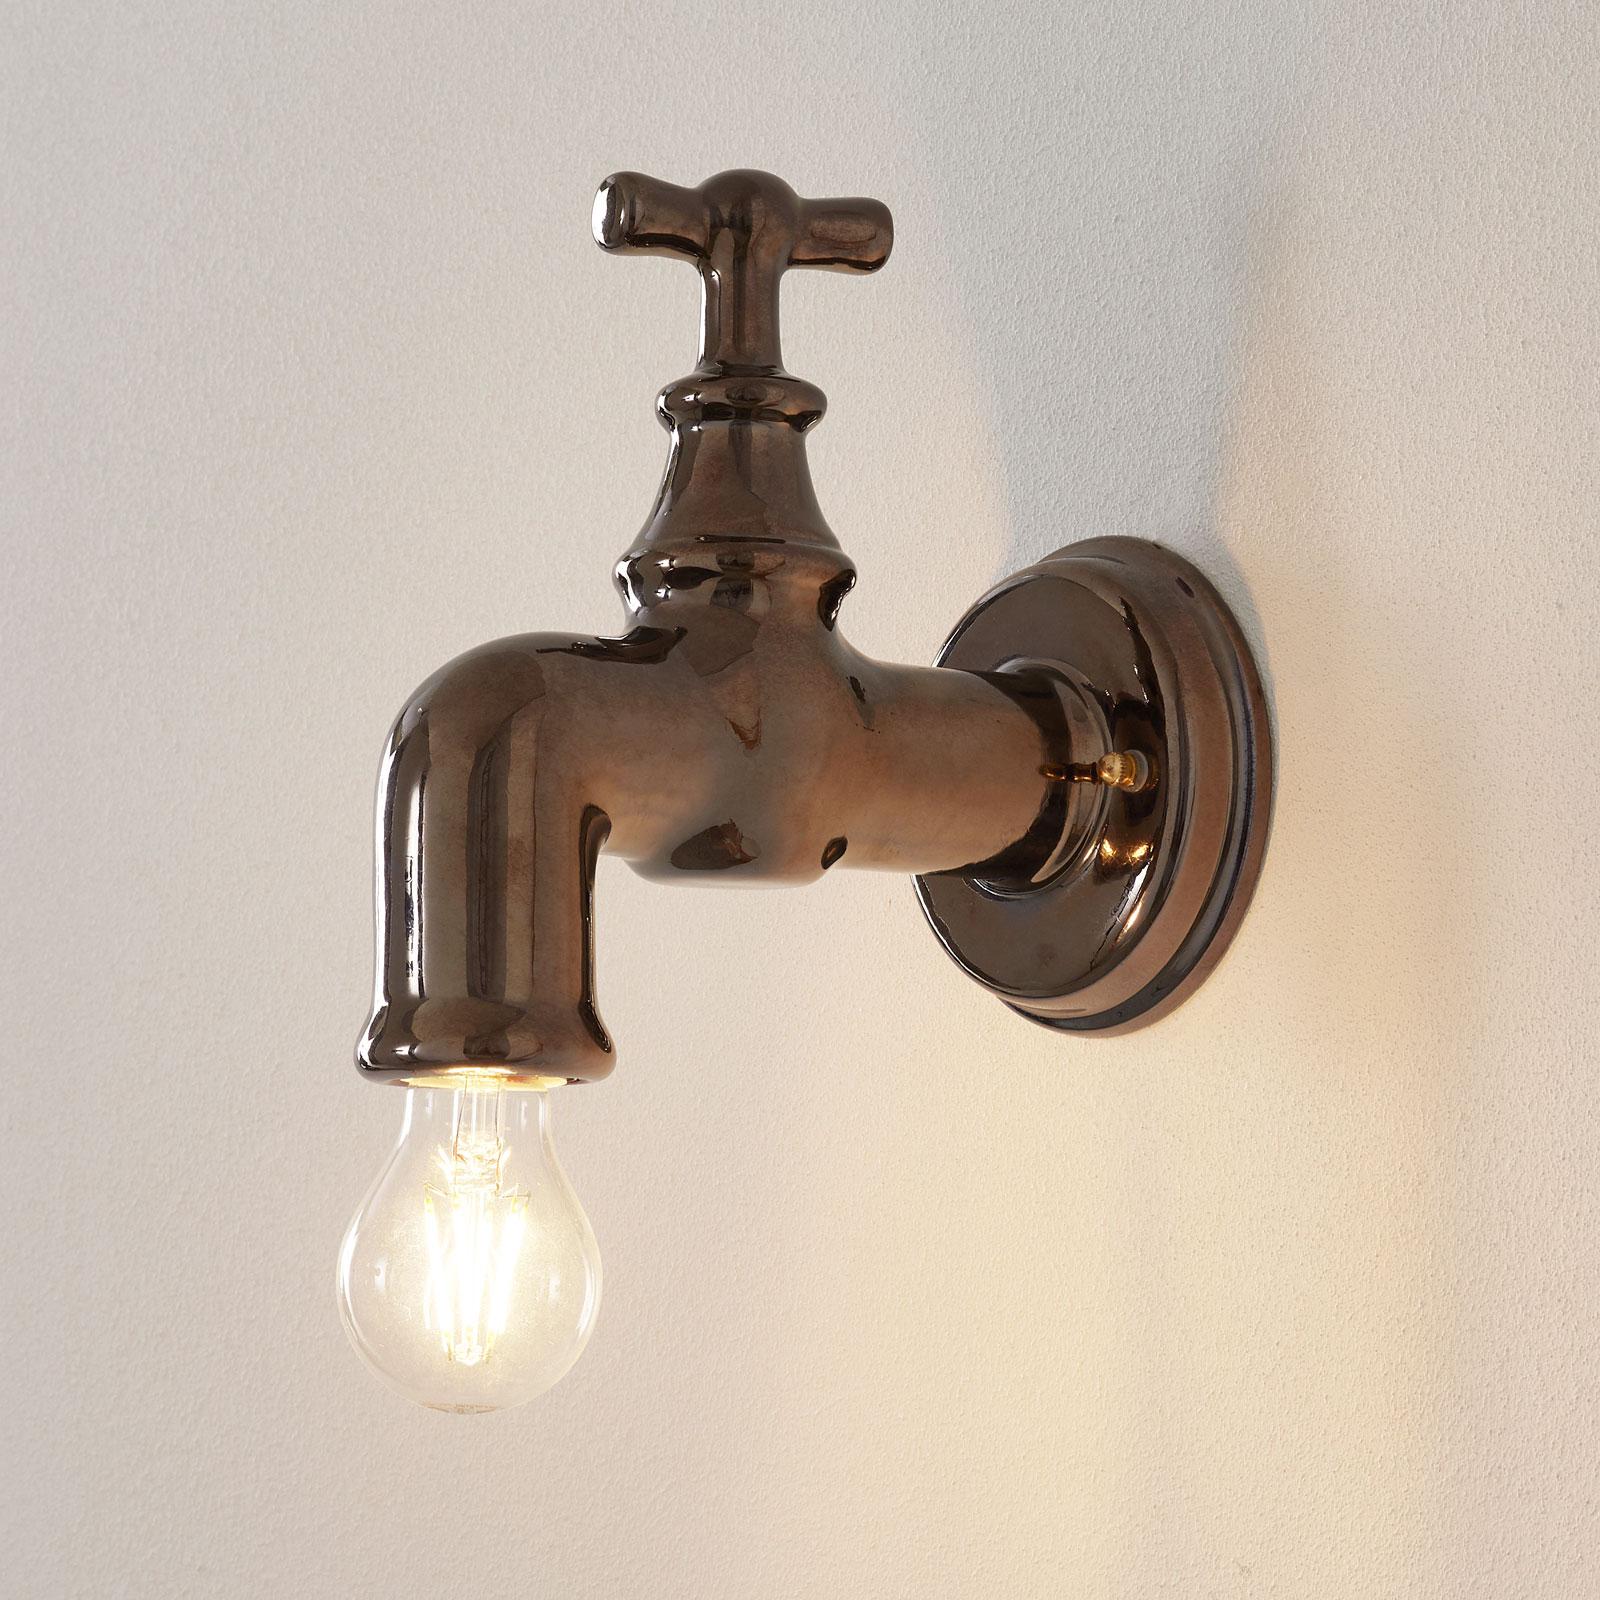 Unique wall light Rubinetto, ceramic_3046267_1